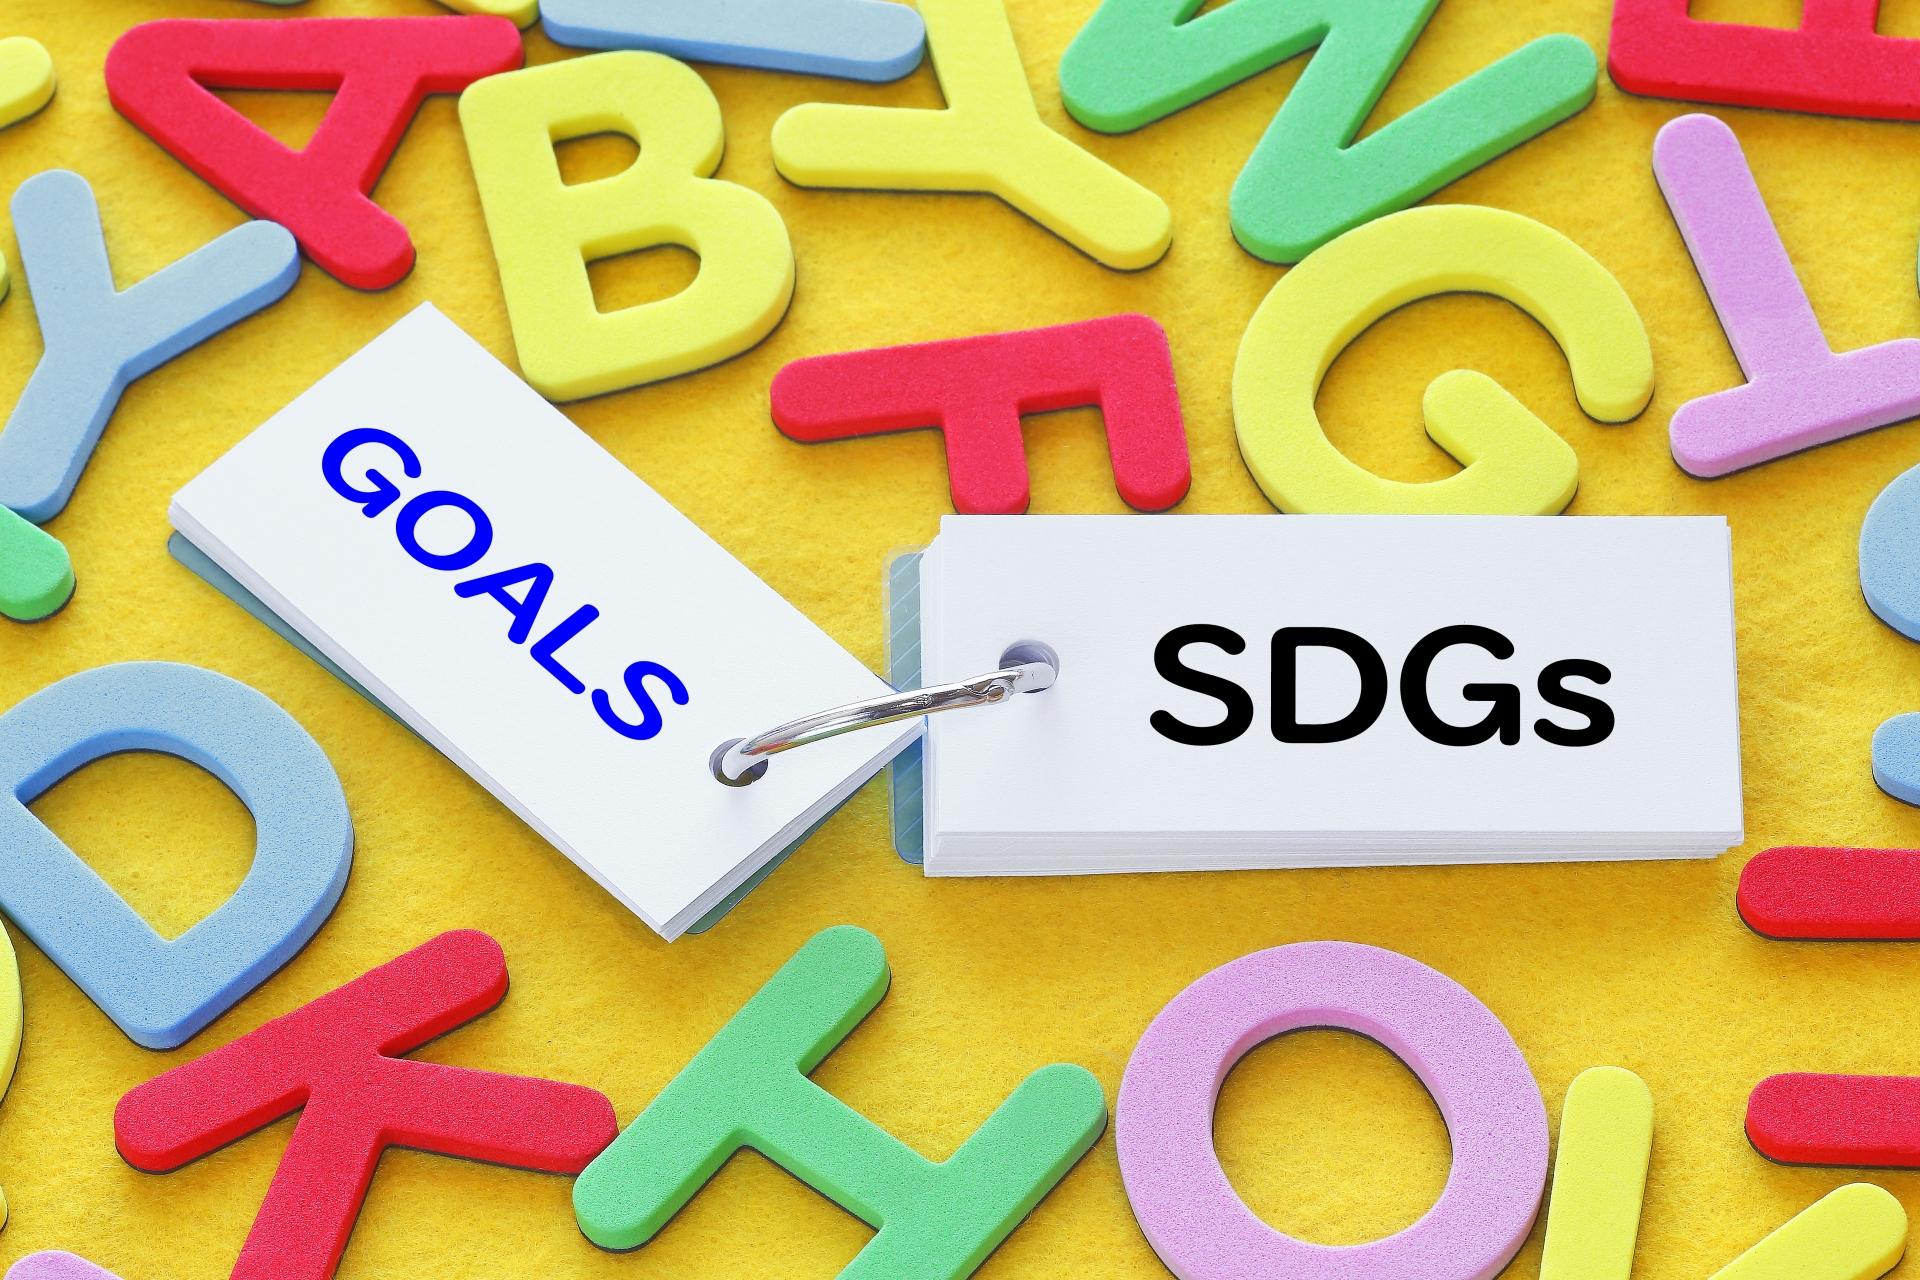 SDGsに取り組む企業必見!企業によるSDGsの情報発信が大事な3つの理由【SDGsセミナー(Web開催) セミナーレポート】